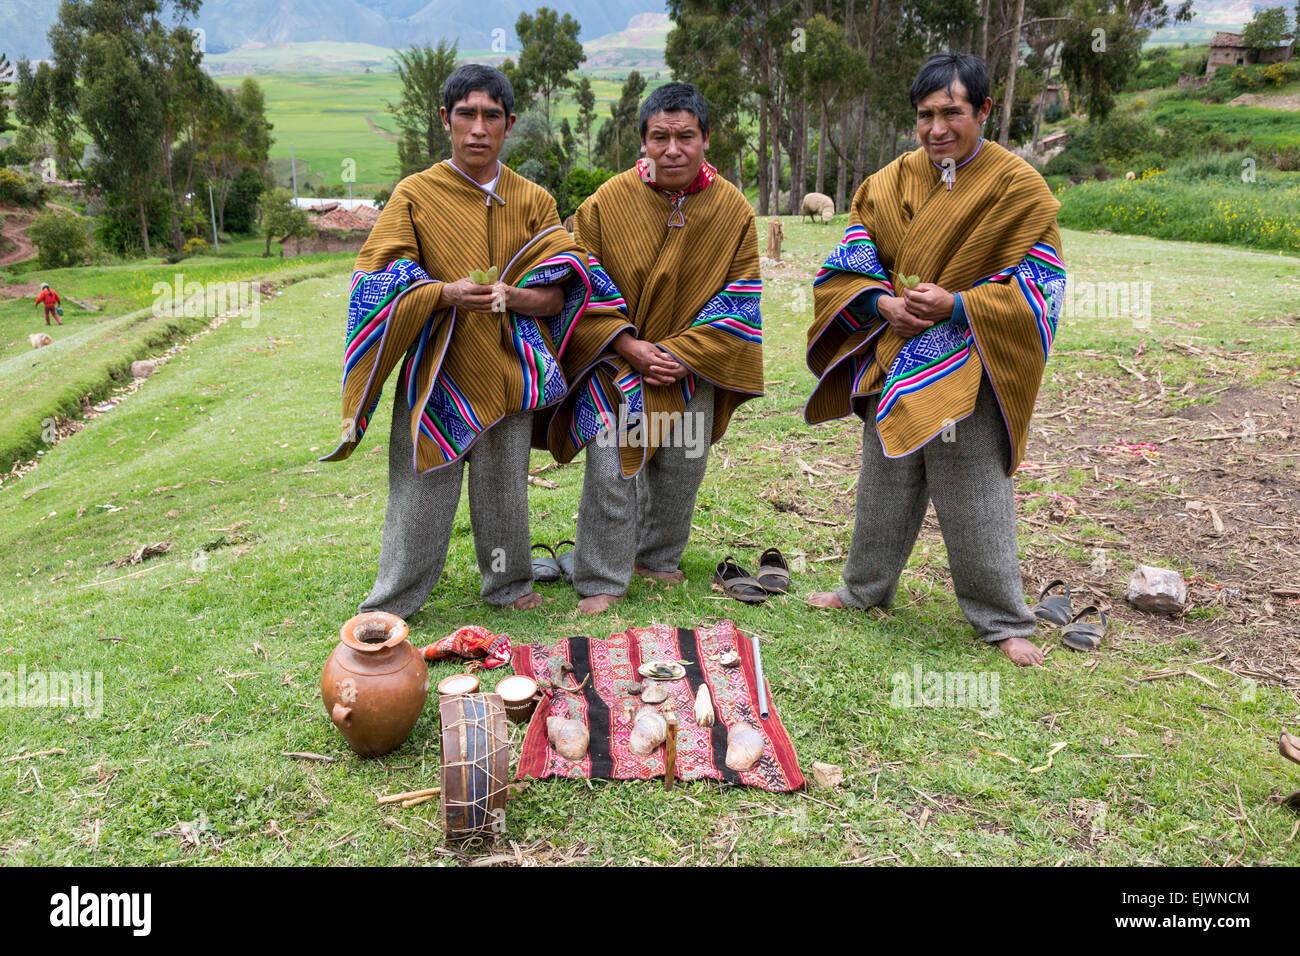 Pérou, vallée de l'Urubamba, Village Quechua d'Misminay. Les hommes du village d'effectuer Photo Stock